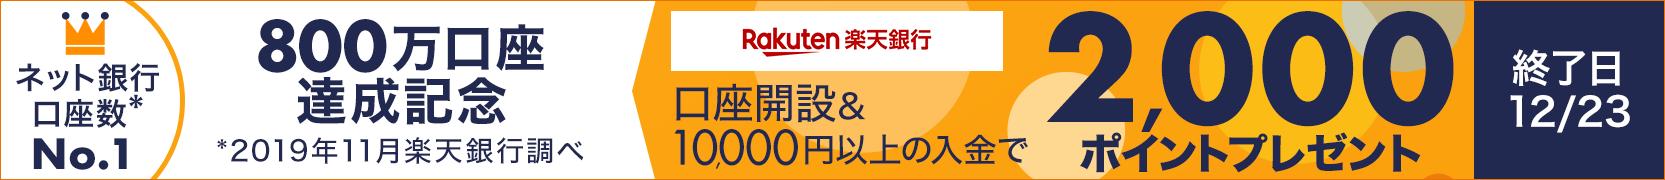 【楽天銀行(PR)】口座開設&1万円以上の入金でもれなく2000ポイントプレゼント!